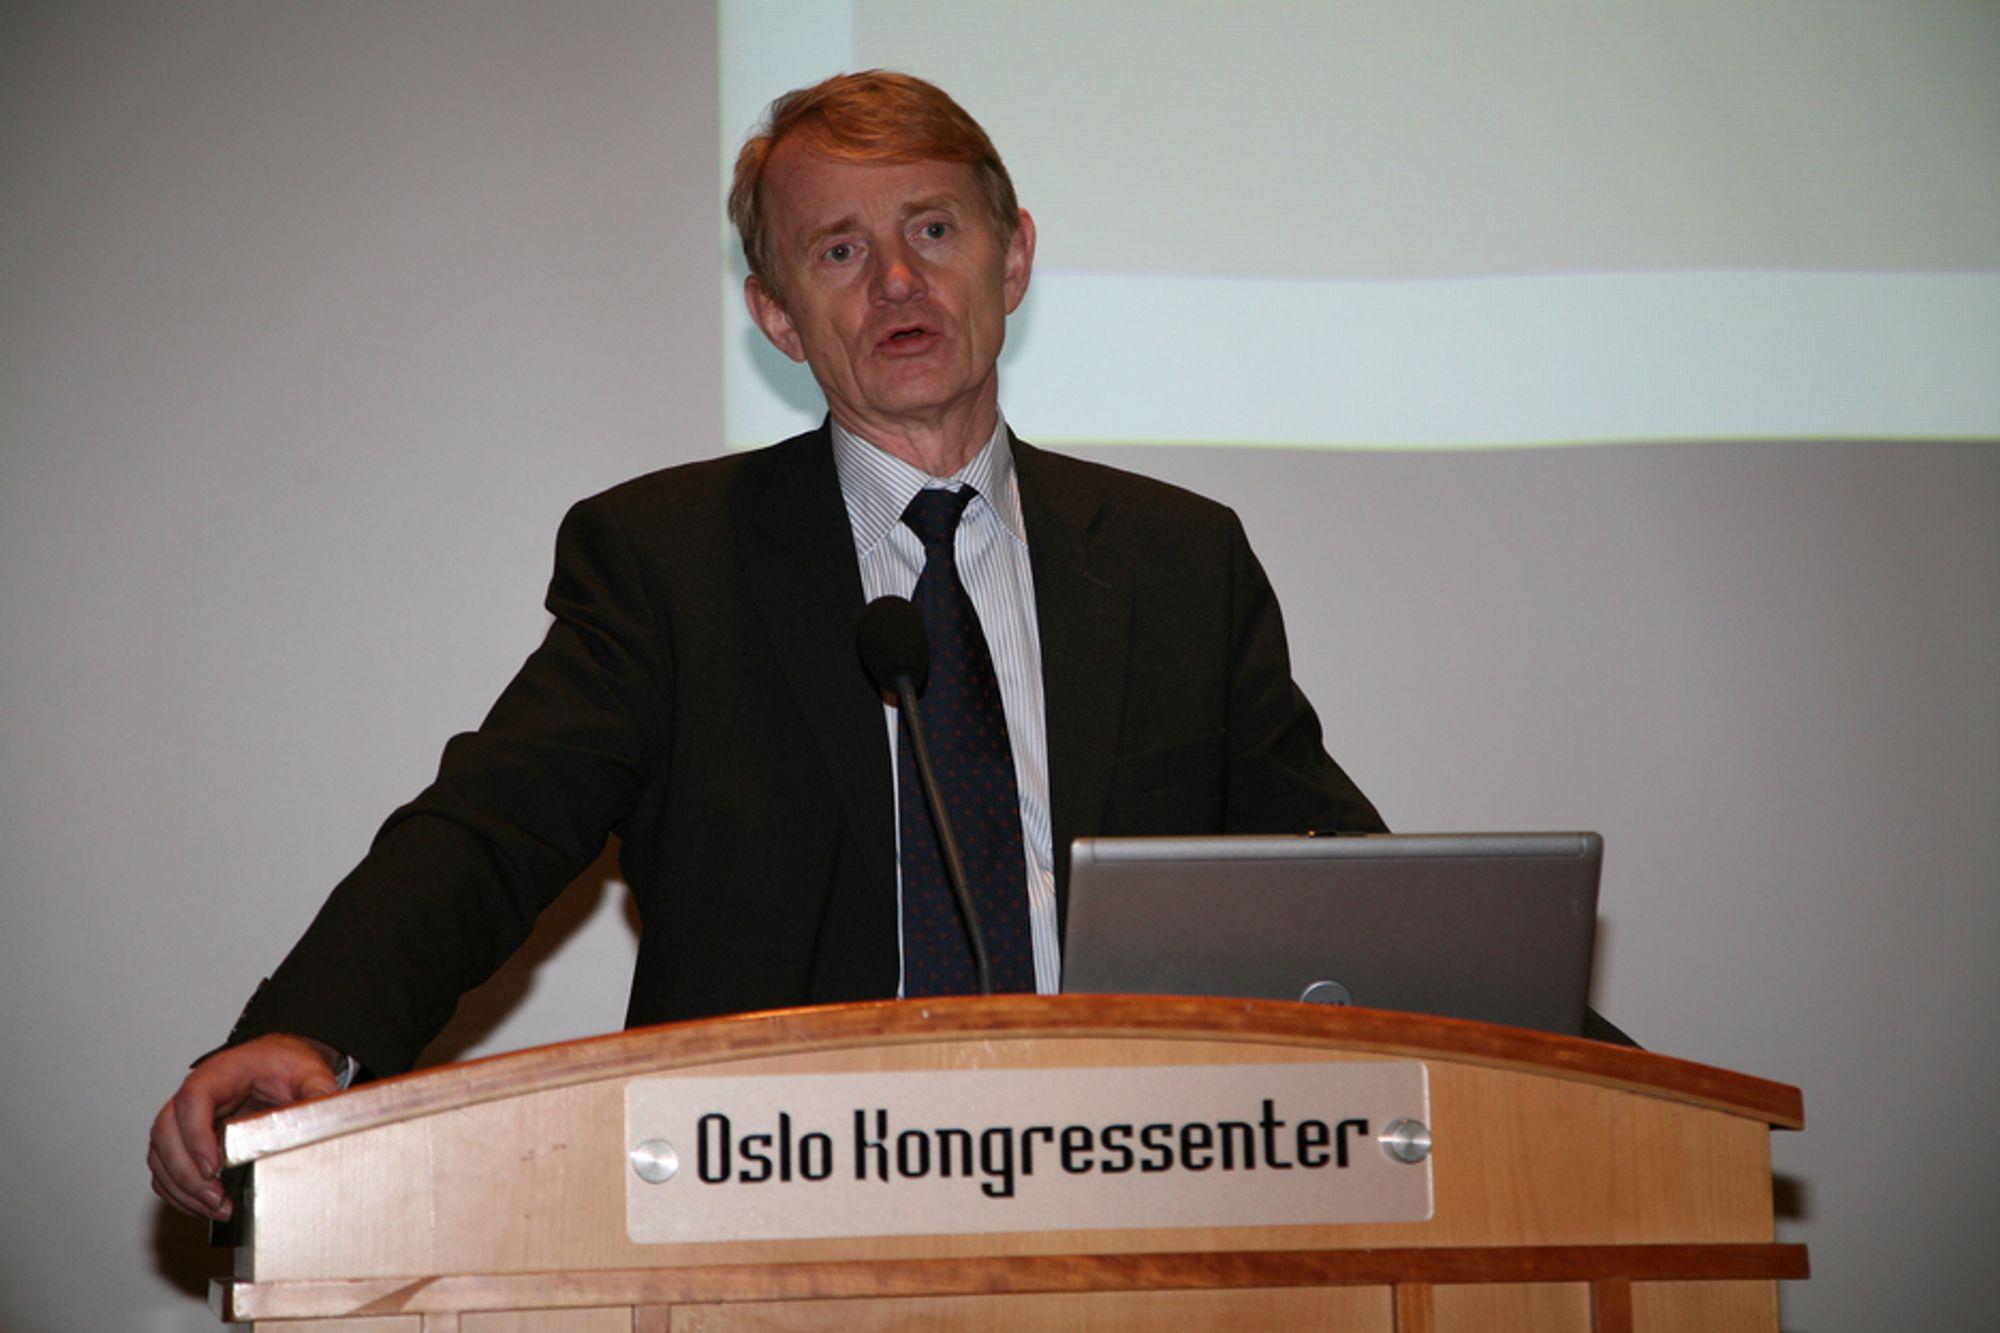 OPP: Den anstrengte internasjonale økonomien og det at mange arbeidsinnvandrere har opparbeidet seg trygderettigheter i Norge er blant grunnene til at NAV øker prognosene.